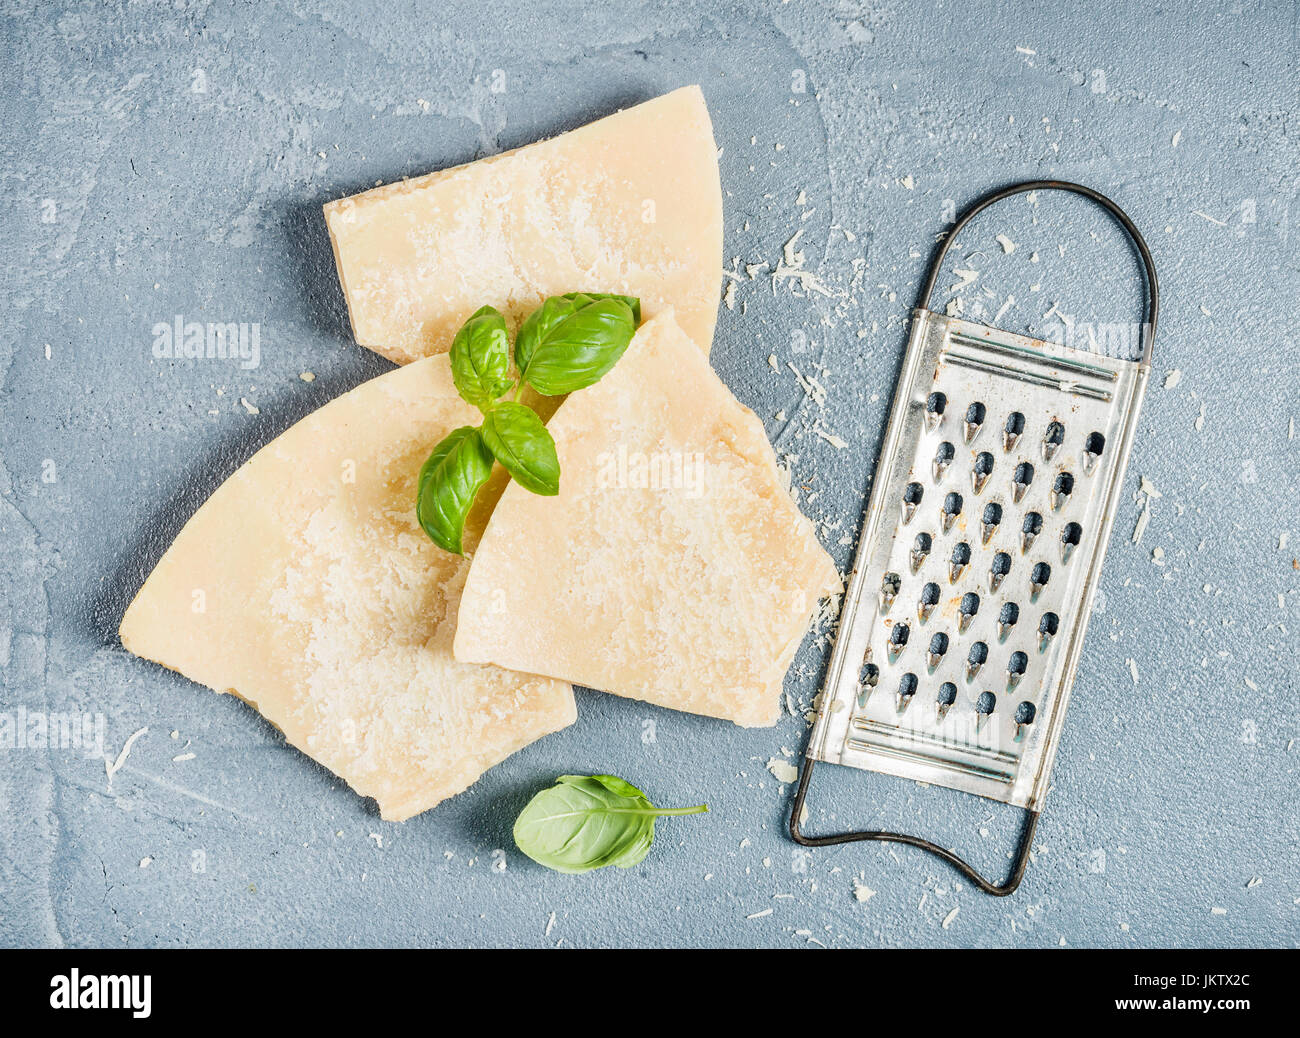 Coupe de fromage Parmesan avec râpe métallique et de basilic frais sur fond texturé en béton Photo Stock